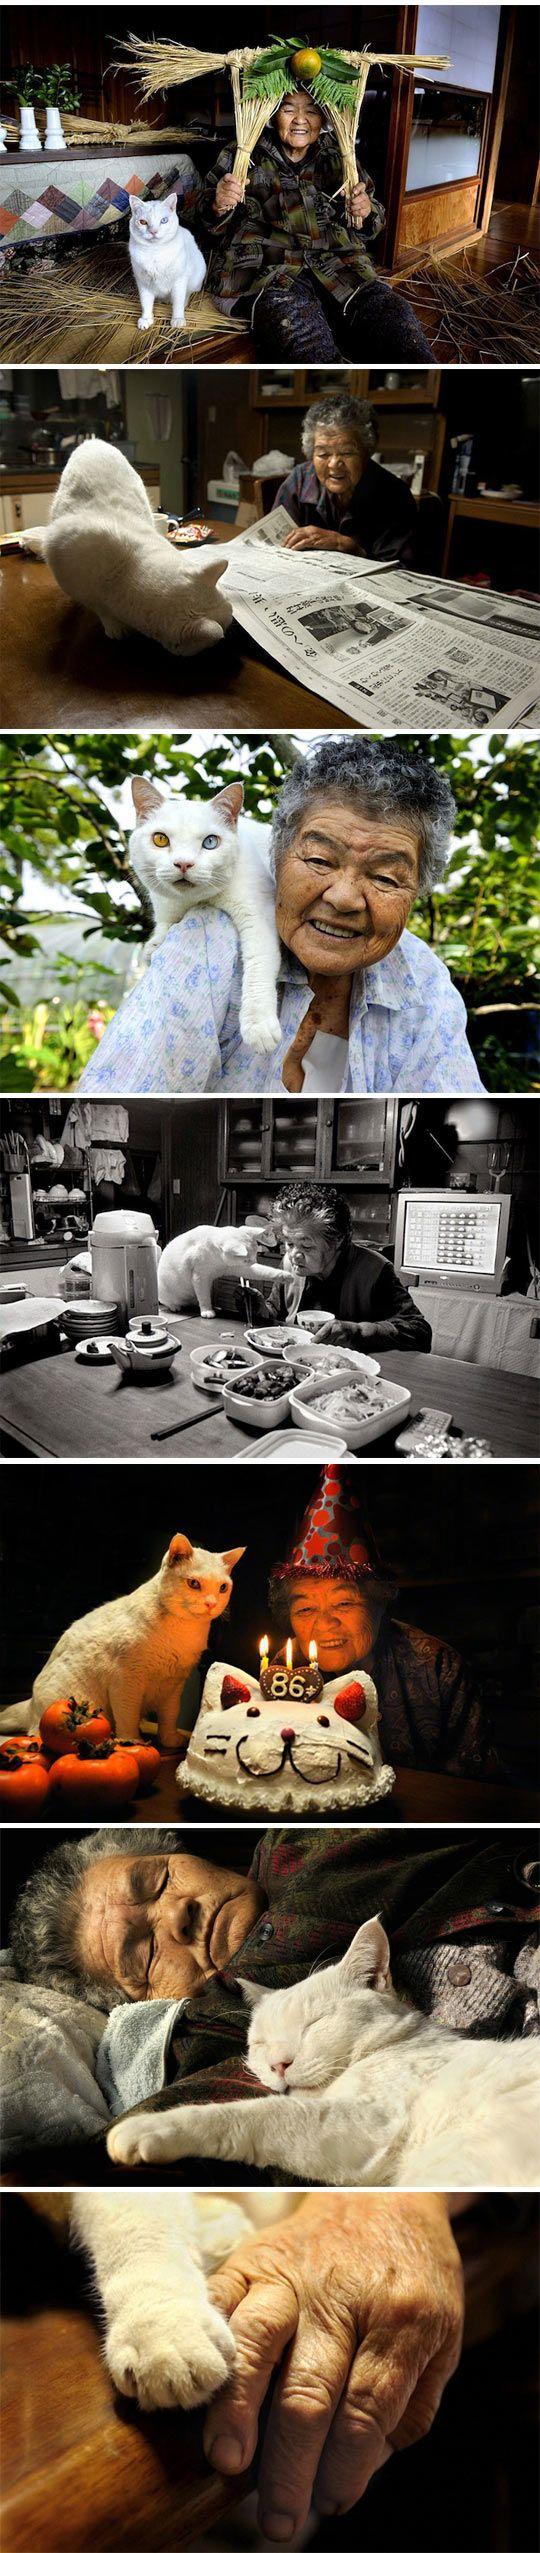 17 Terbaik Ide Tentang Hewan Lucu Di Pinterest Anak Kucing Lucu